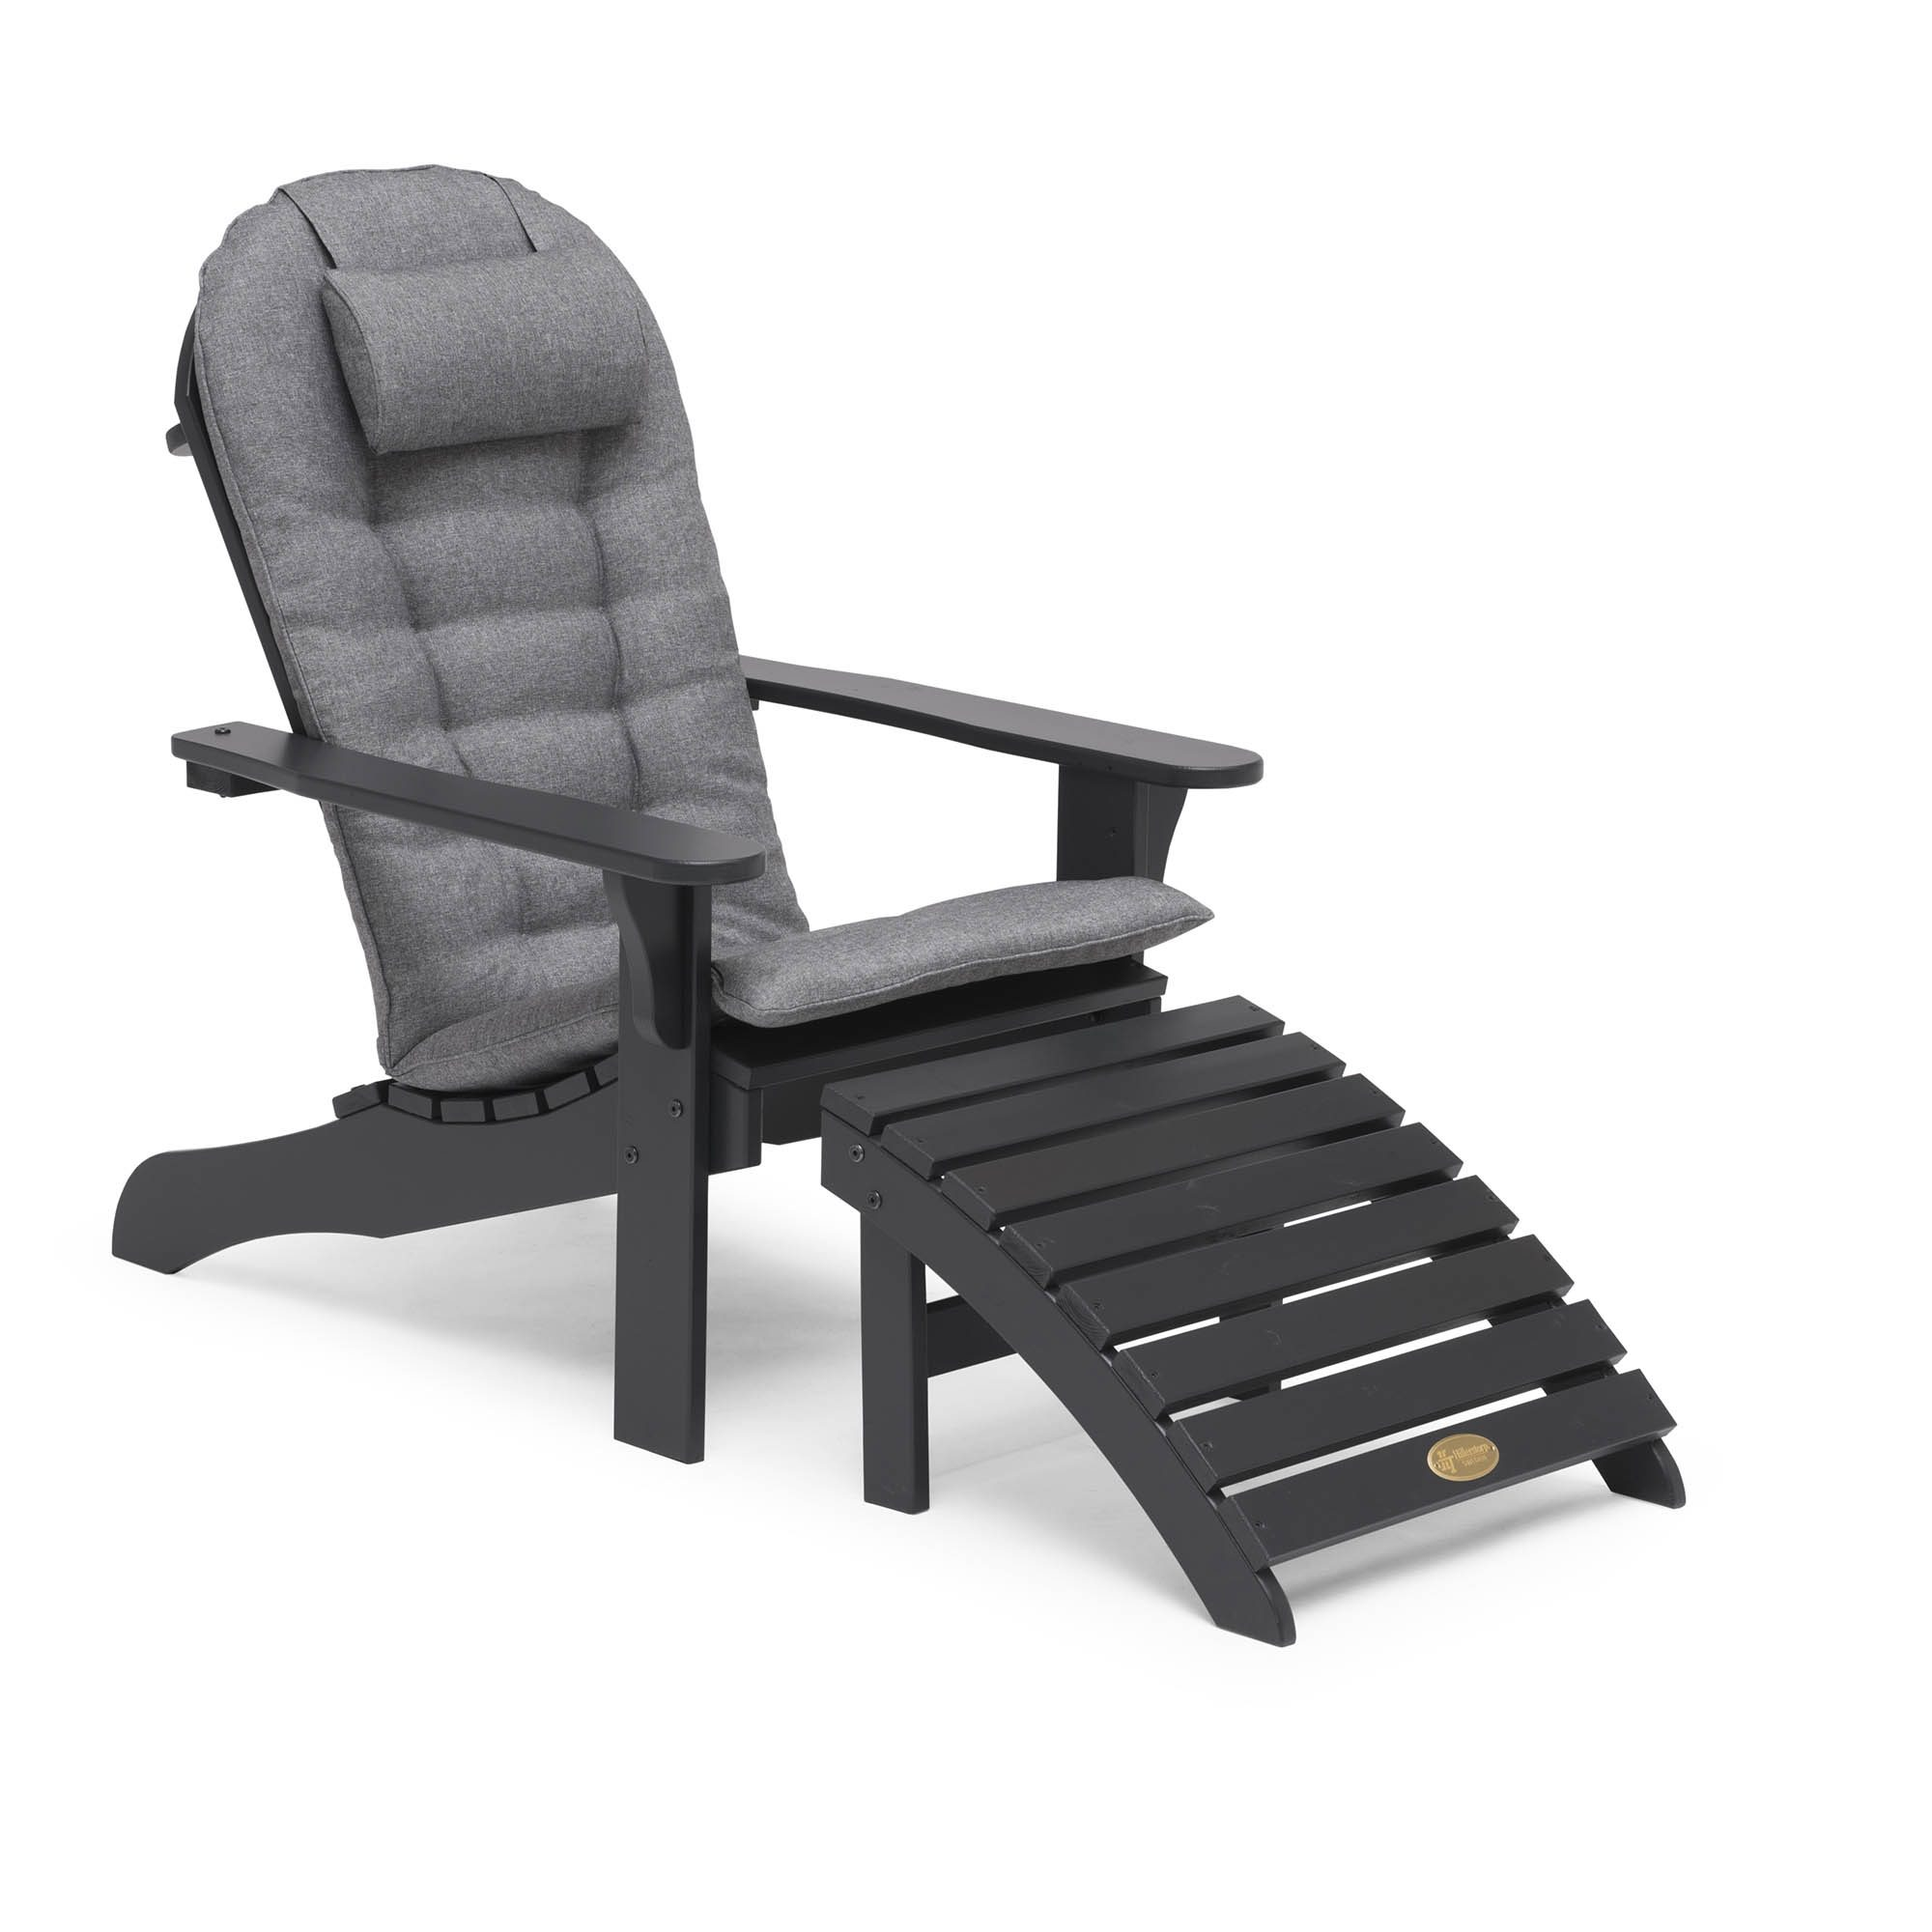 Tennessee däckstol med grå dyna med nackkudde.